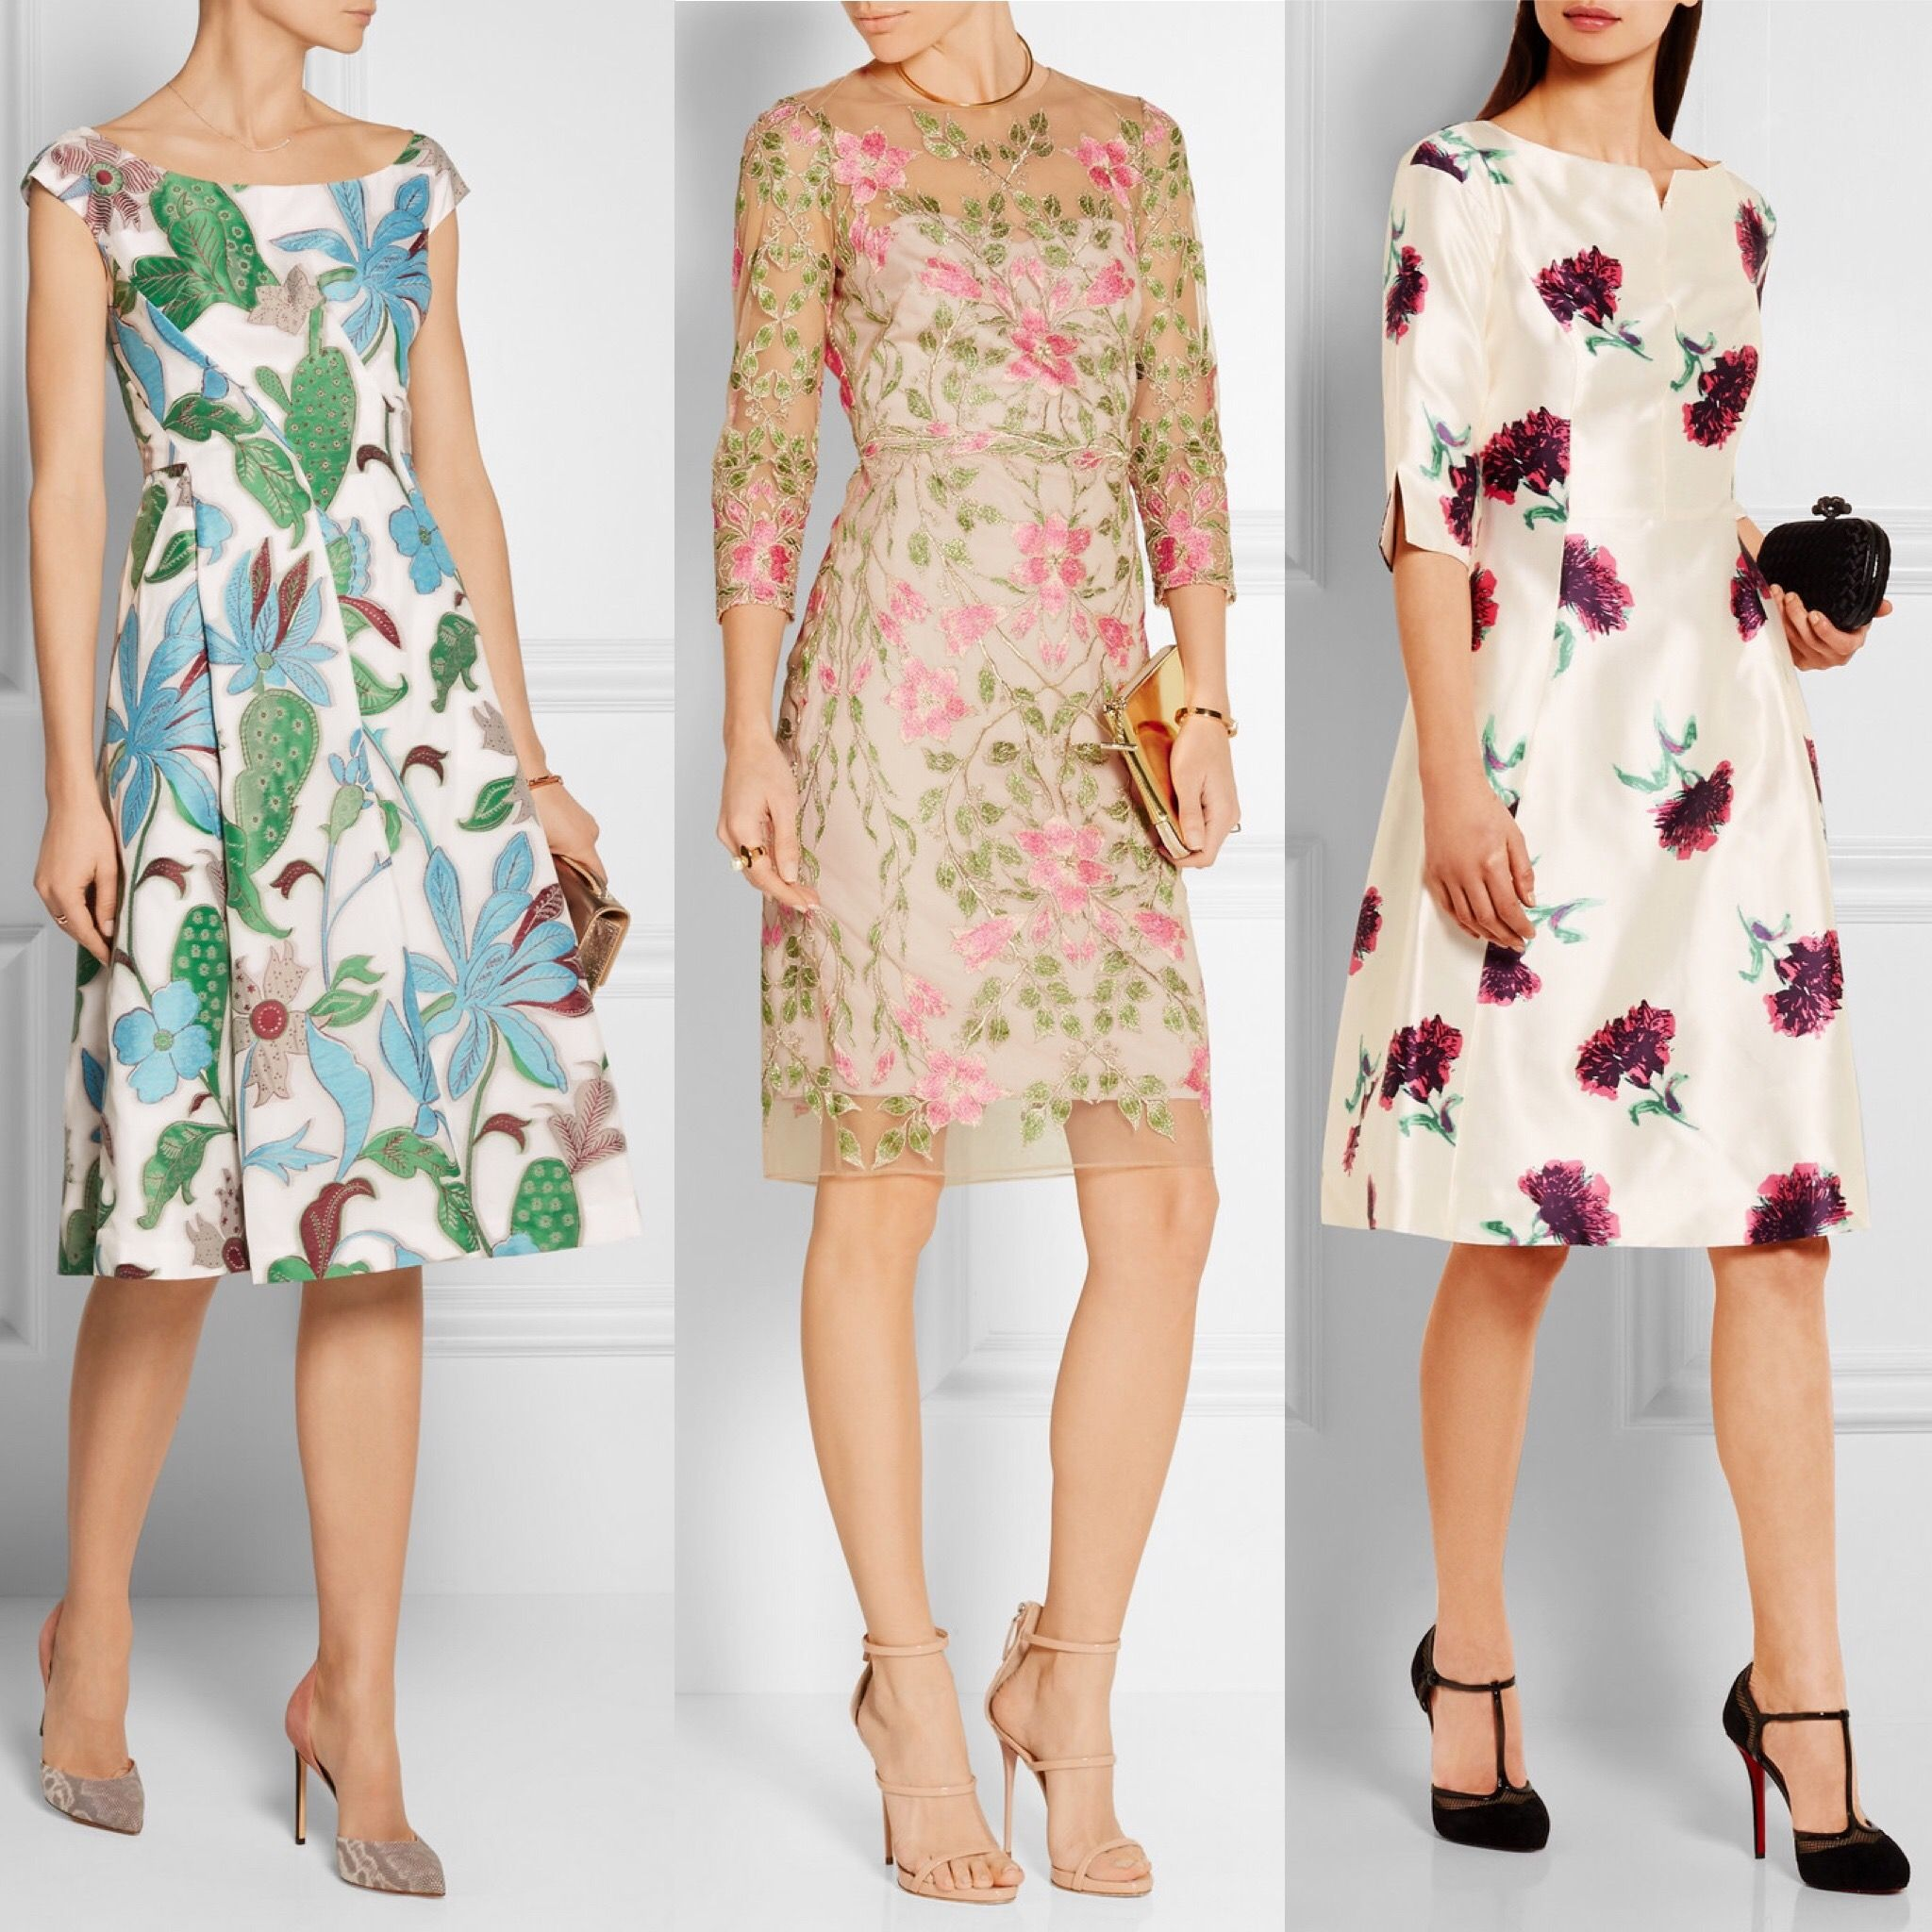 What To Wear At A Morning Wedding Consulente Di Immagine Rossella Migliaccio In 2021 Wedding Attire Guest Wedding Guest Outfit Wedding Attire [ 2048 x 2048 Pixel ]